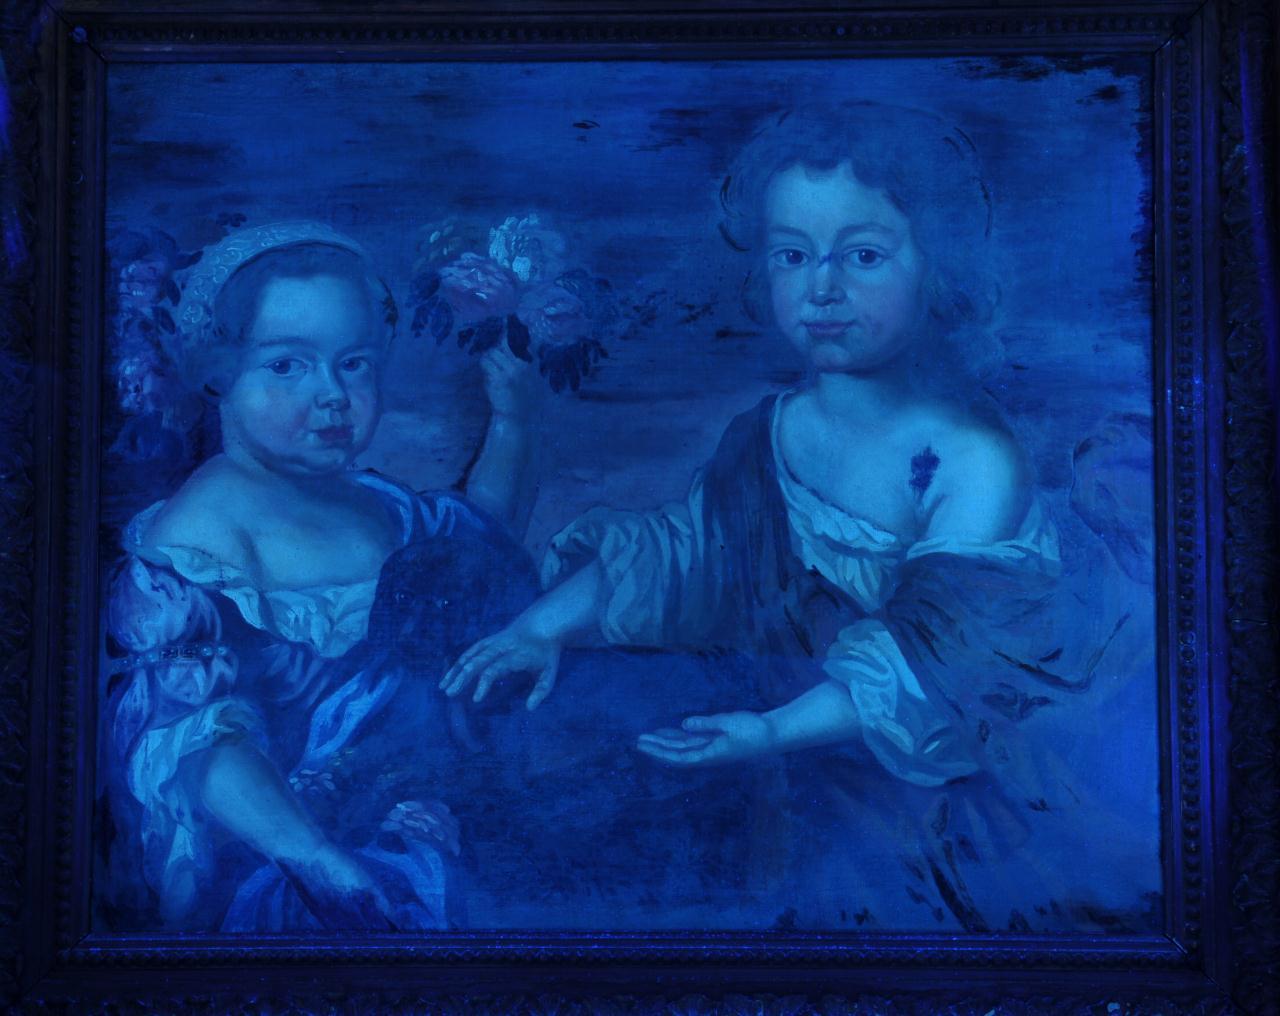 Lot 199: Portrait of Two Children, manner of John Smibert